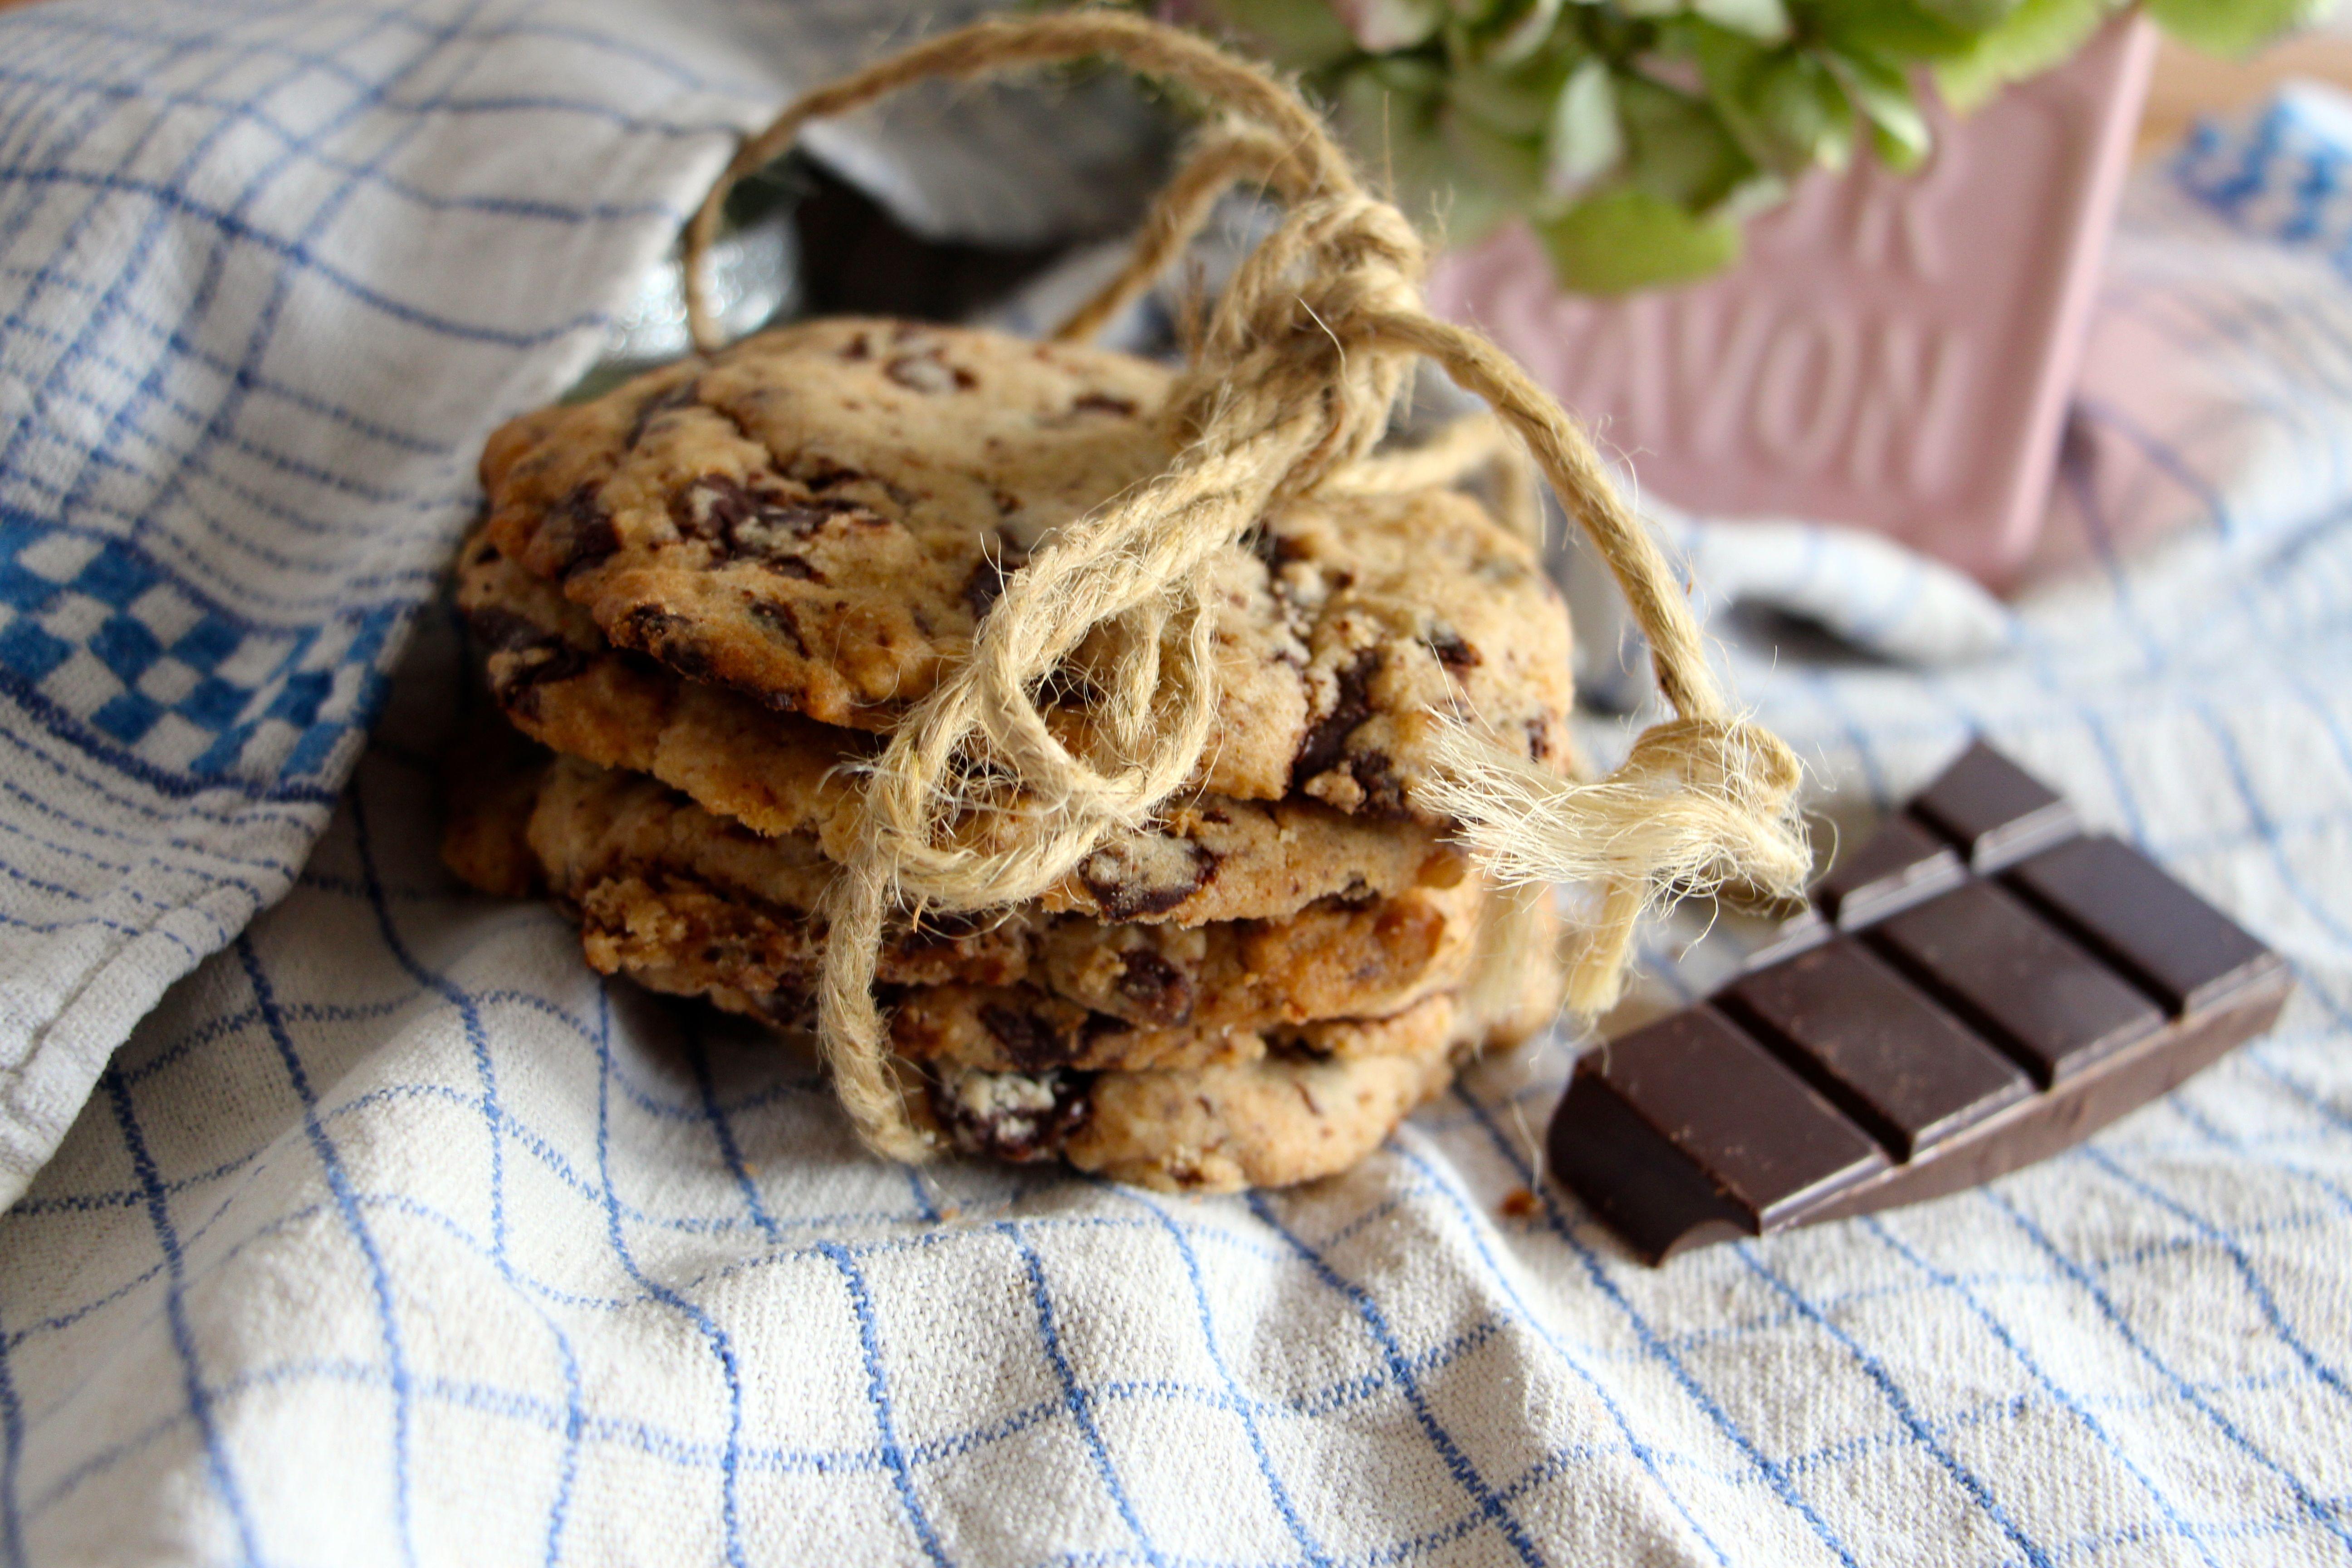 Recette exquis cookies p pites de chocolat chicon choc blog de bonnes adresses lille - Recette cookies laura todd ...